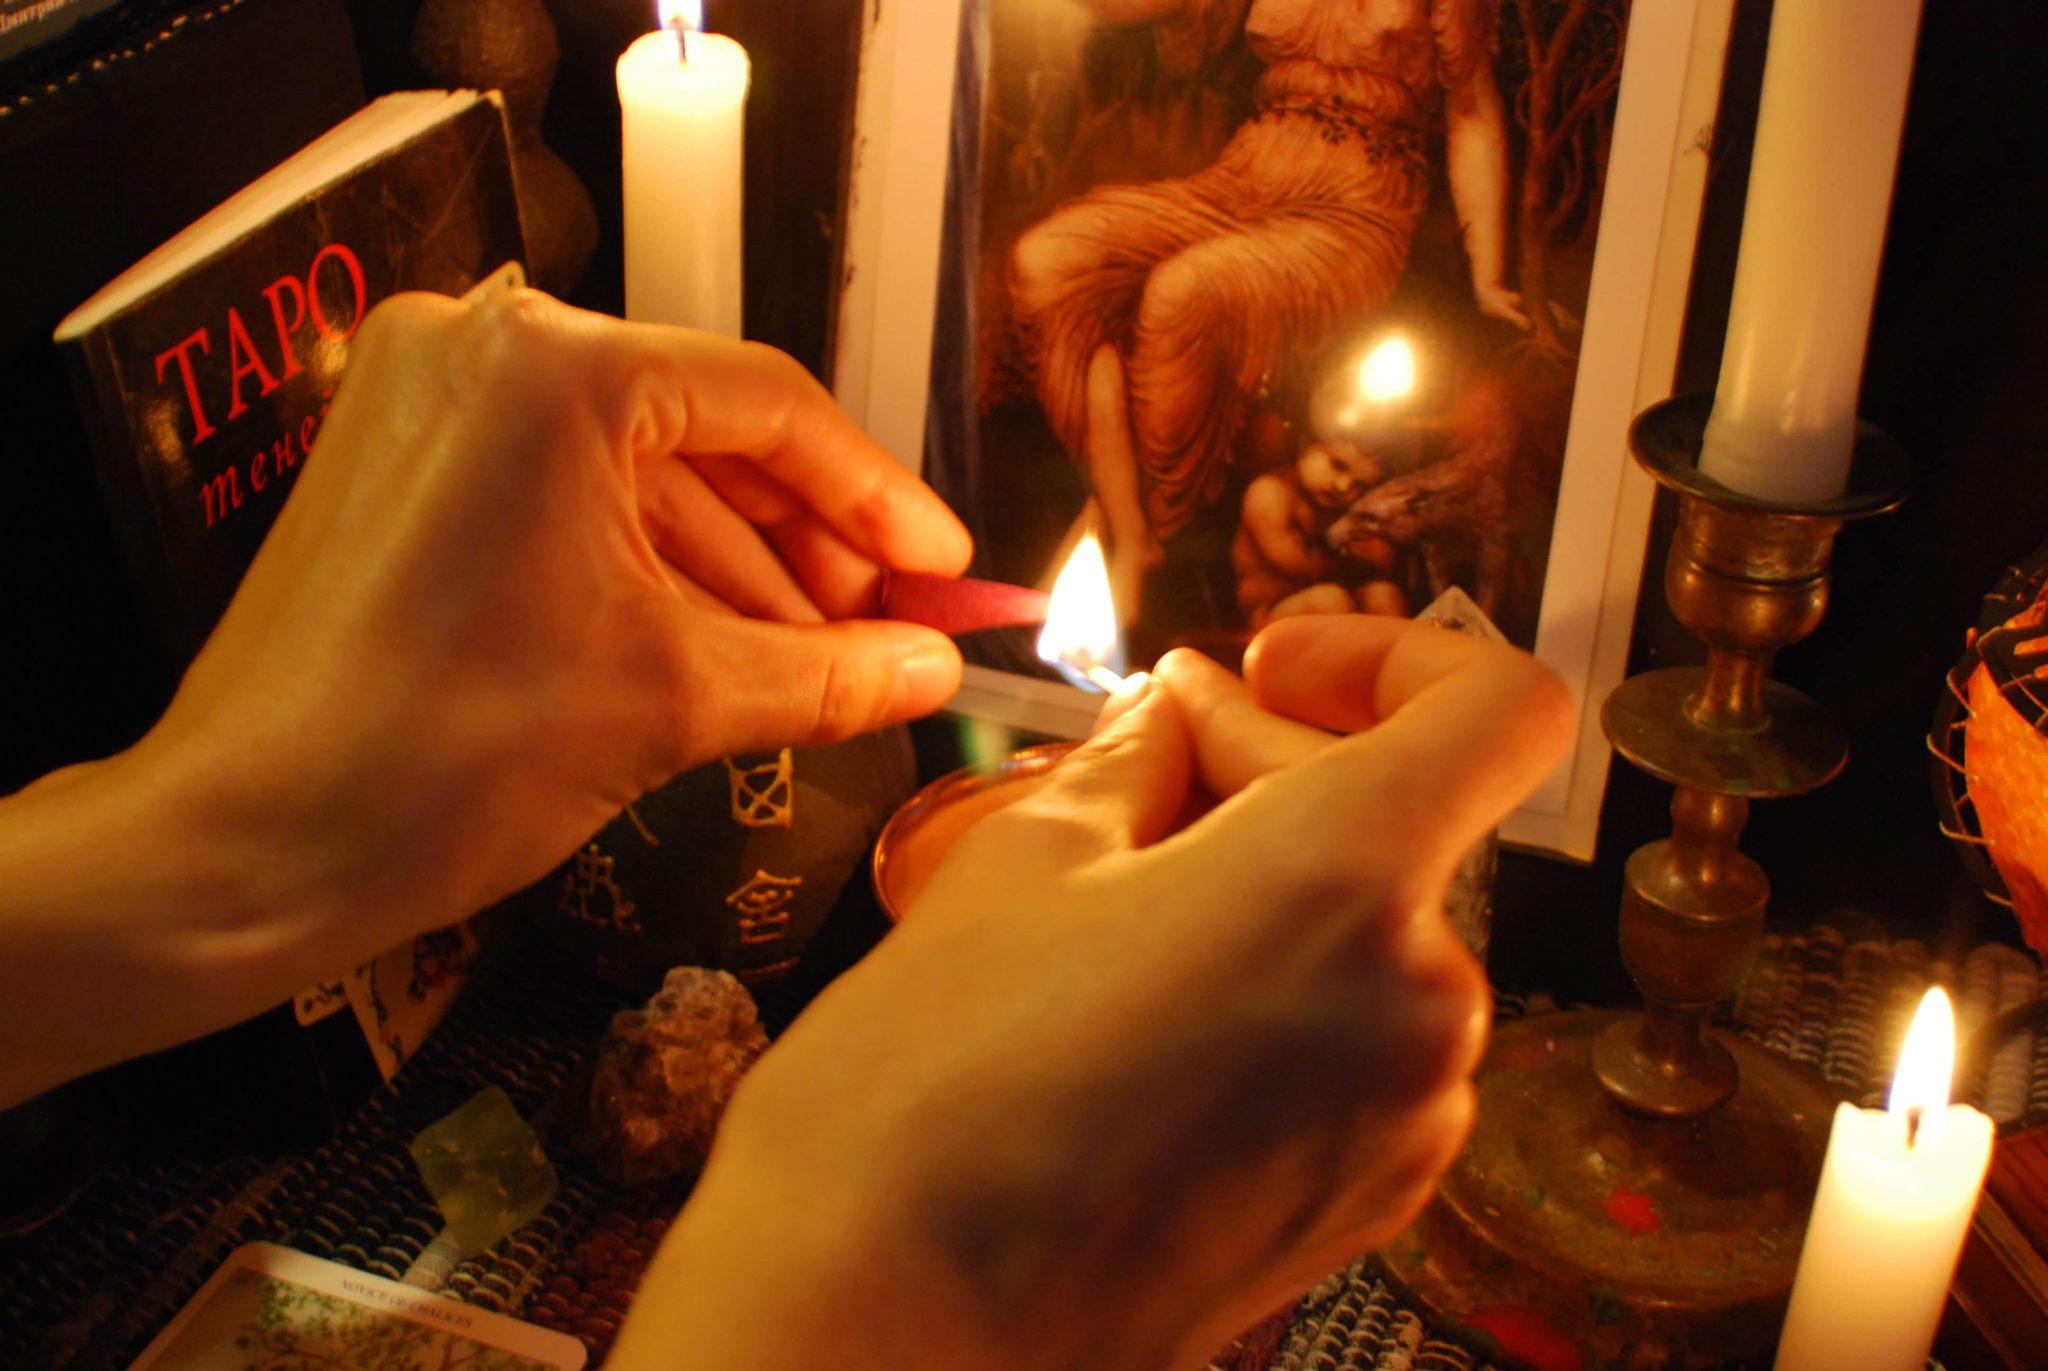 Подготовка к проведению ритуала чтобы приворожить парня.